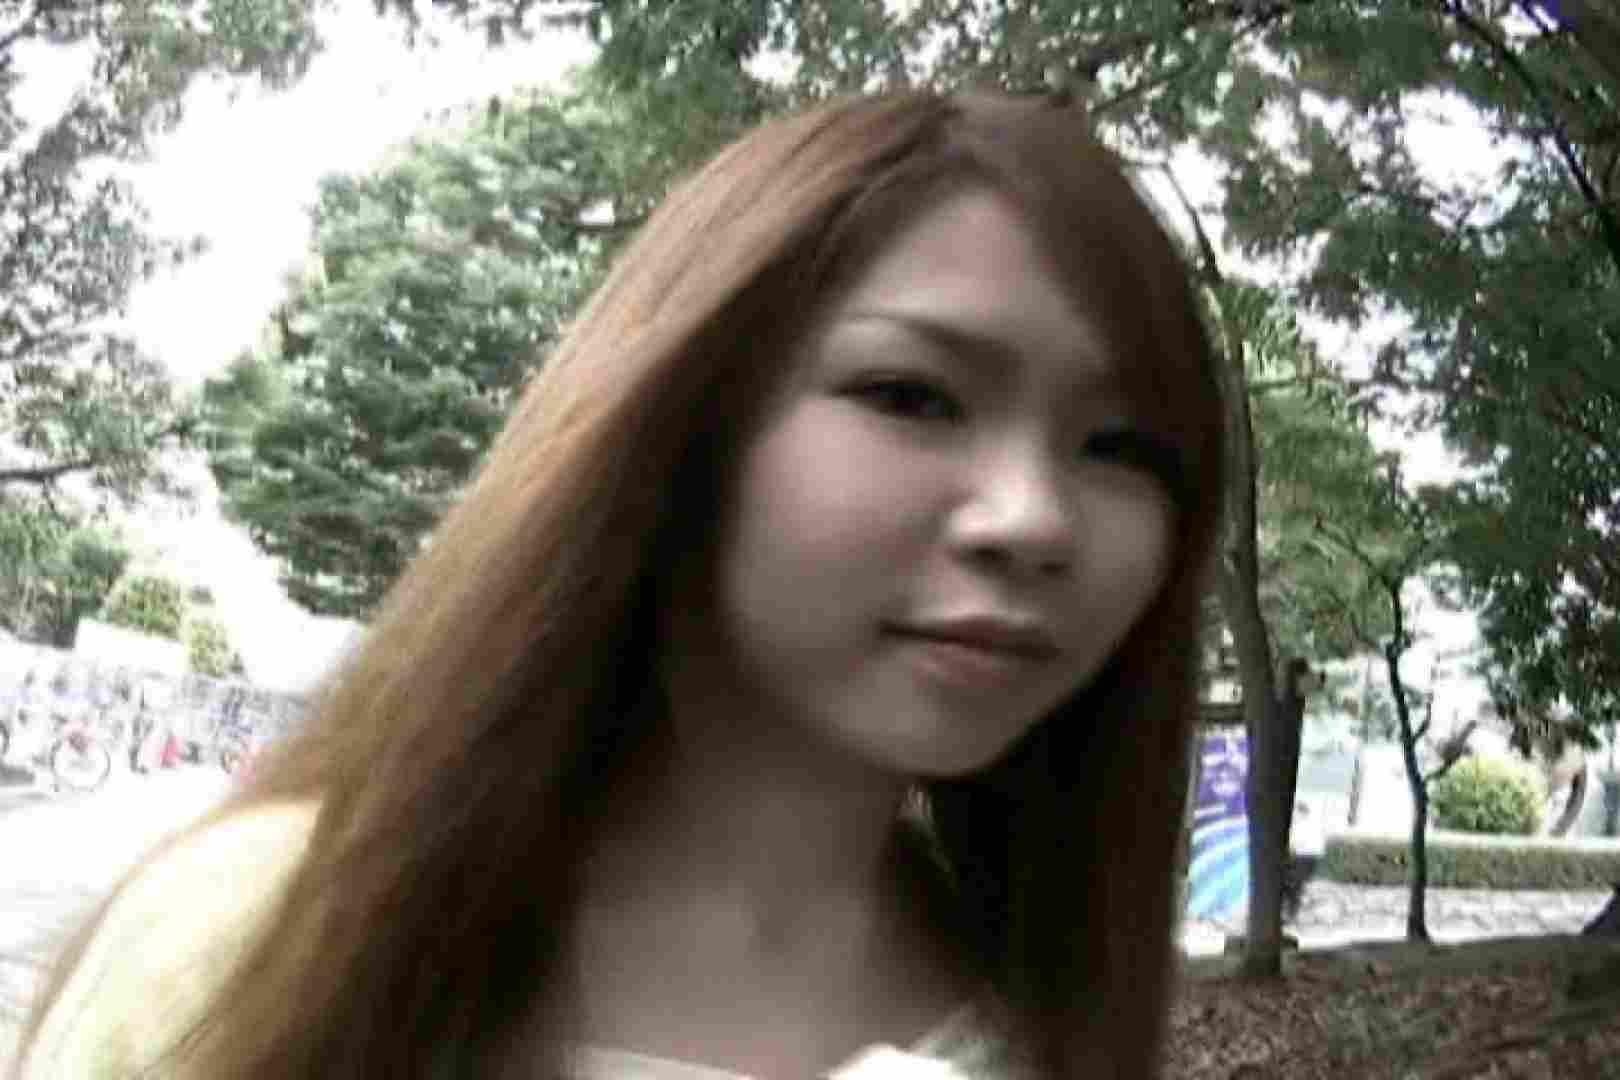 素人ナンパ本番撮り!出会い系でGET!Vol.17 ナンパ 隠し撮りオマンコ動画紹介 85pic 9